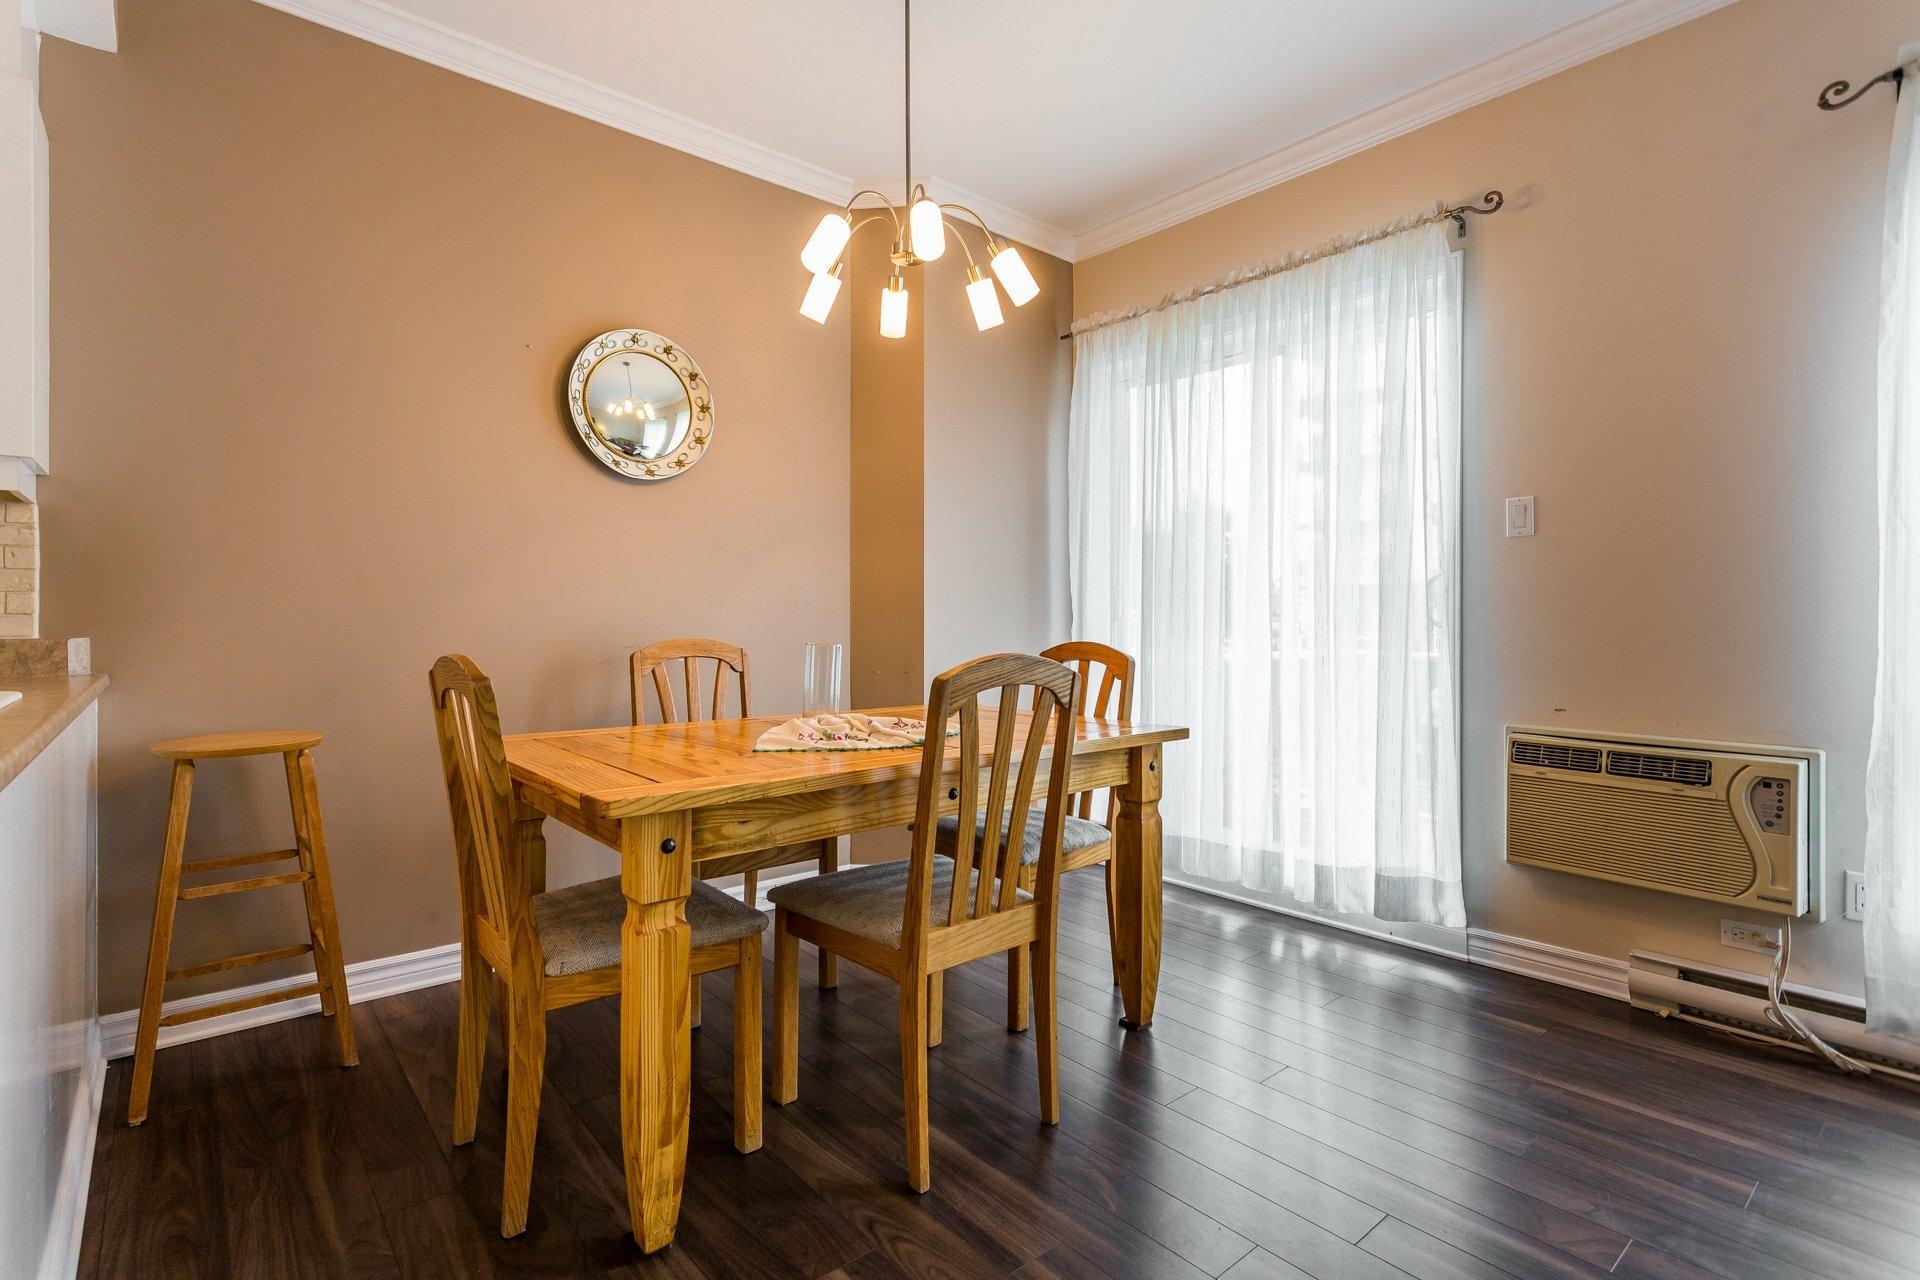 image 6 - Appartement À louer Anjou Montréal  - 7 pièces